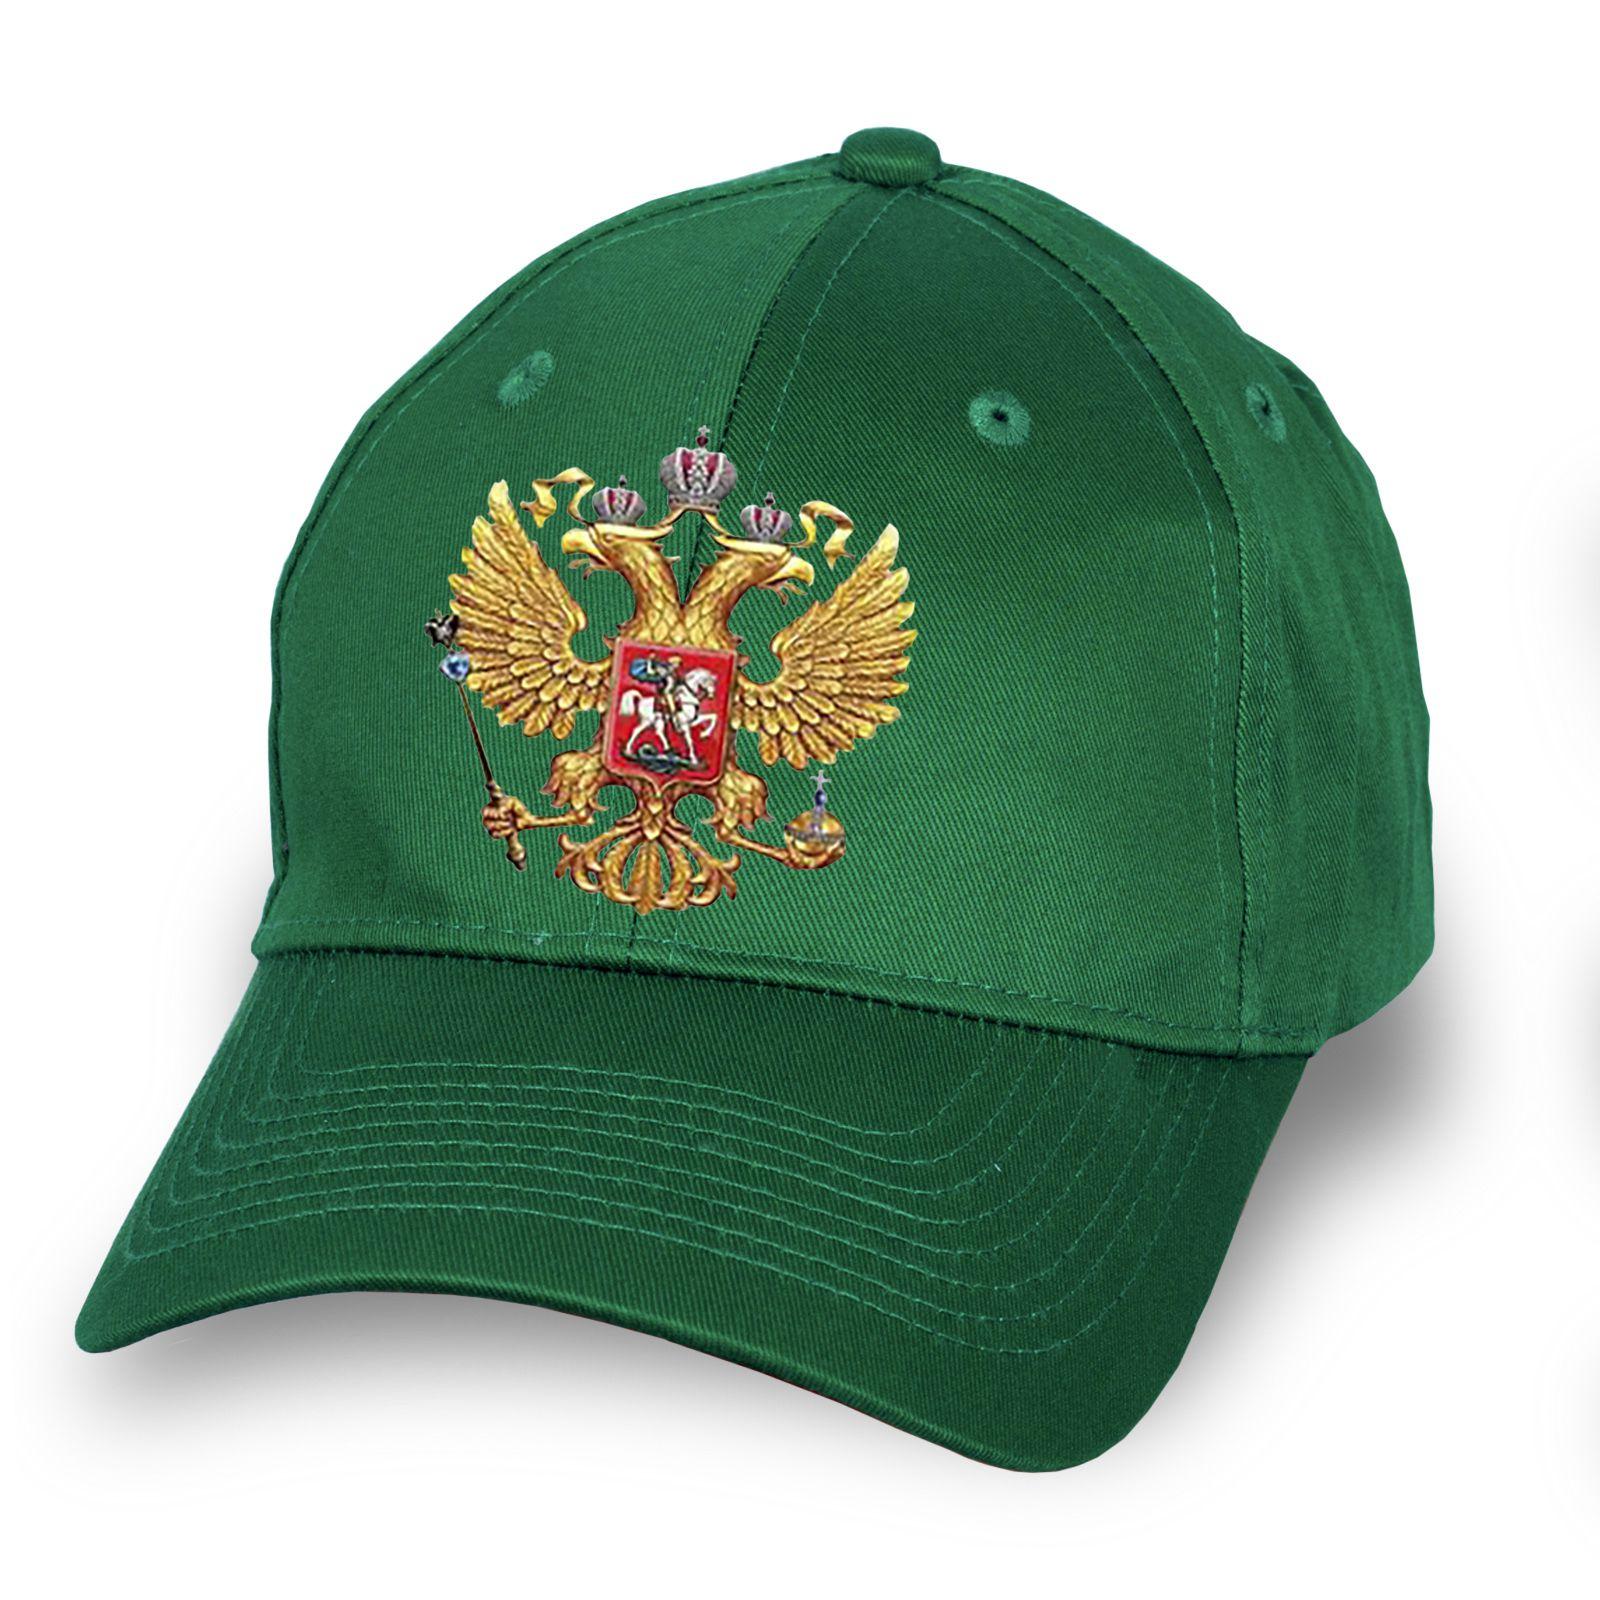 """Зелёная бейсболка """"Герб России"""" - купить по низкой цене онлайн"""